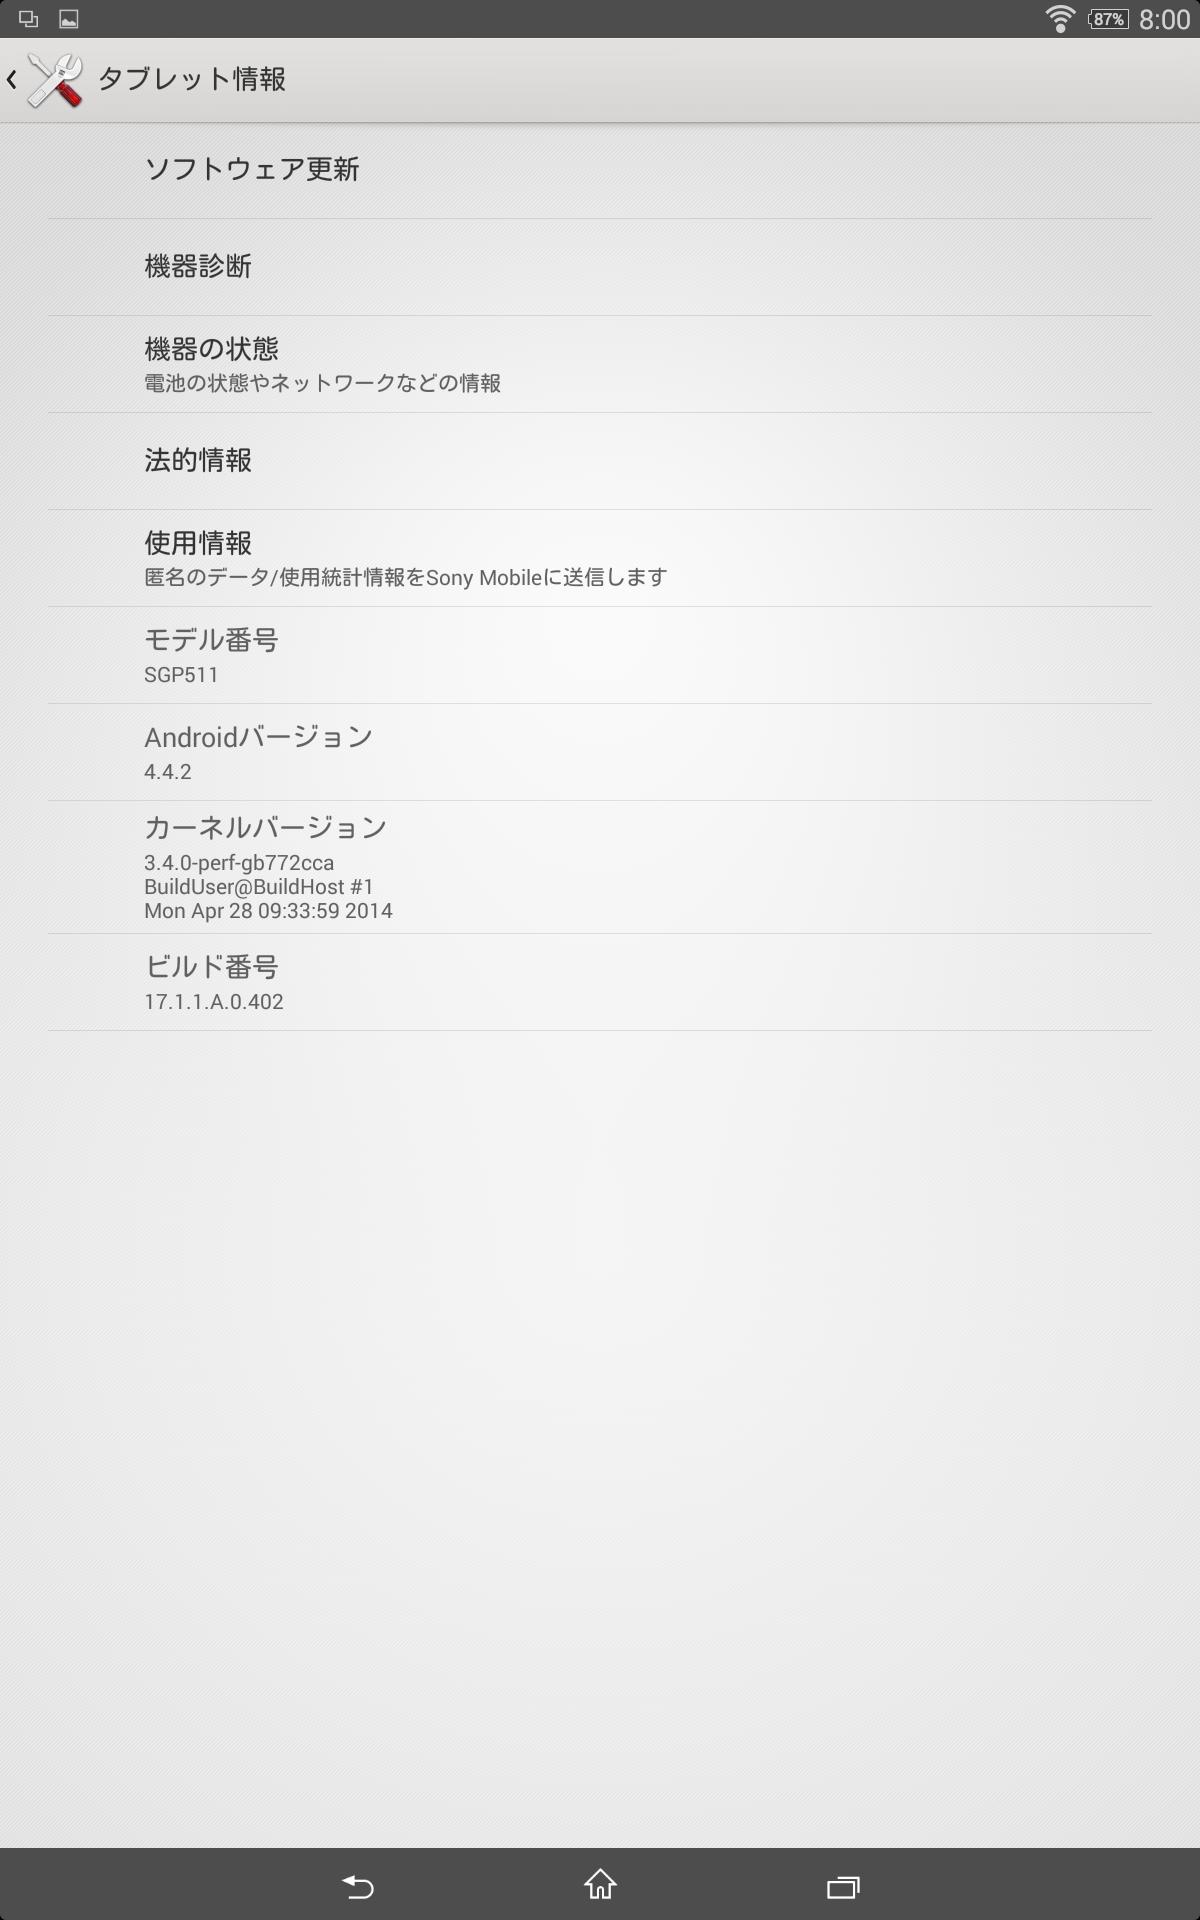 設定/タブレット情報。Androidのバージョンは4.4.2